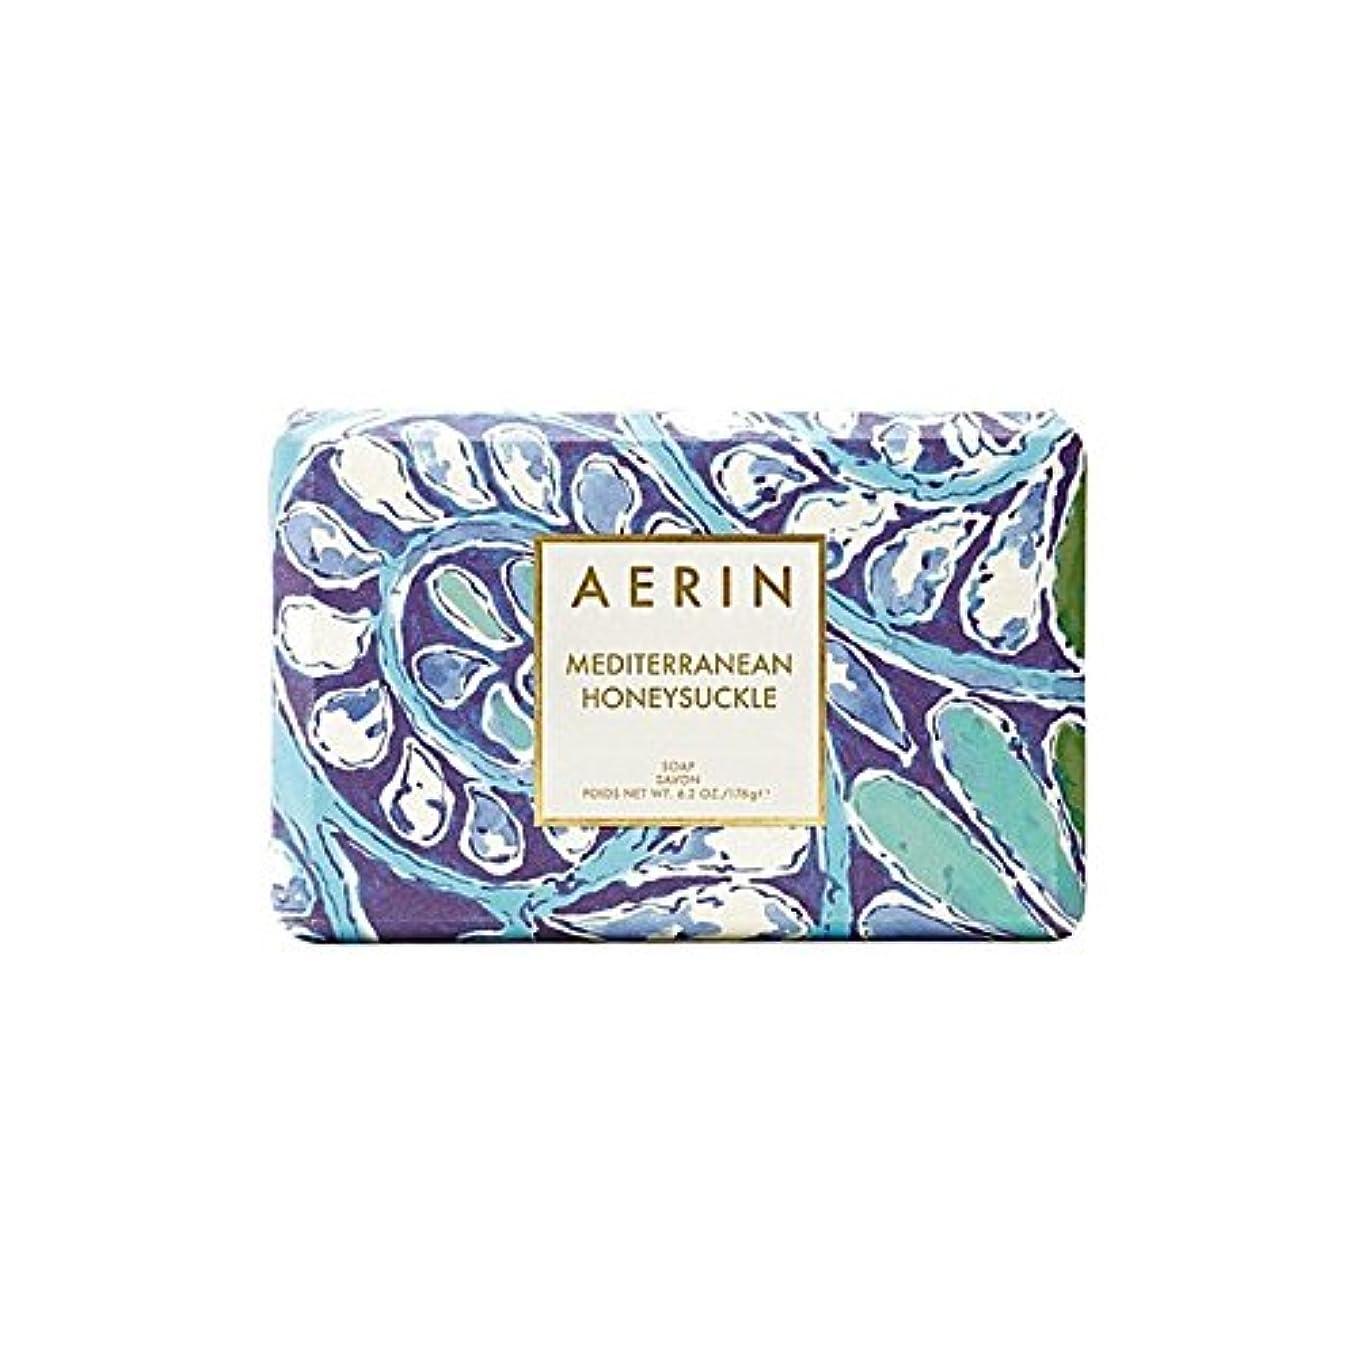 噴火フィルタ願望スイカズラ固形石鹸176グラム x4 - Aerin Mediterrenean Honeysuckle Bar Soap 176G (Pack of 4) [並行輸入品]